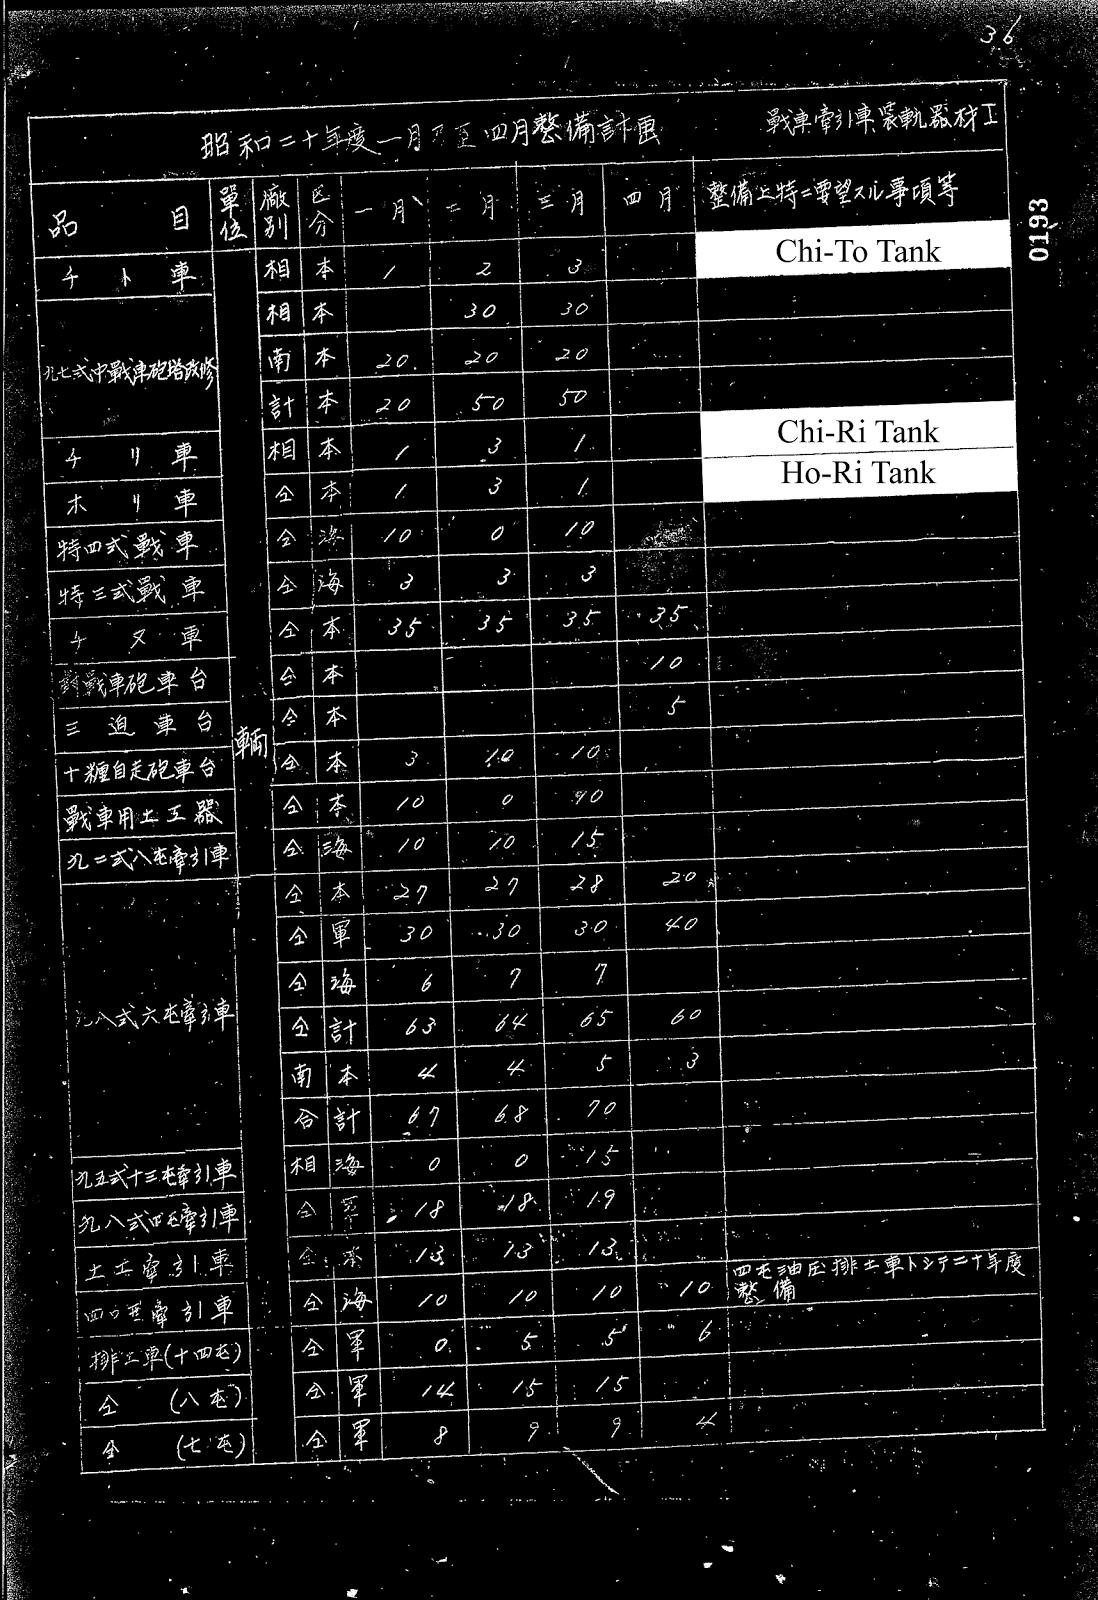 Карта технологического процесса: Исх. №: C14011075200. Национальный институт исследований в области обороны, Министерство обороны, Военное управление мобилизации снабжения, карта технологического процесса январь–апрель 1945 года.